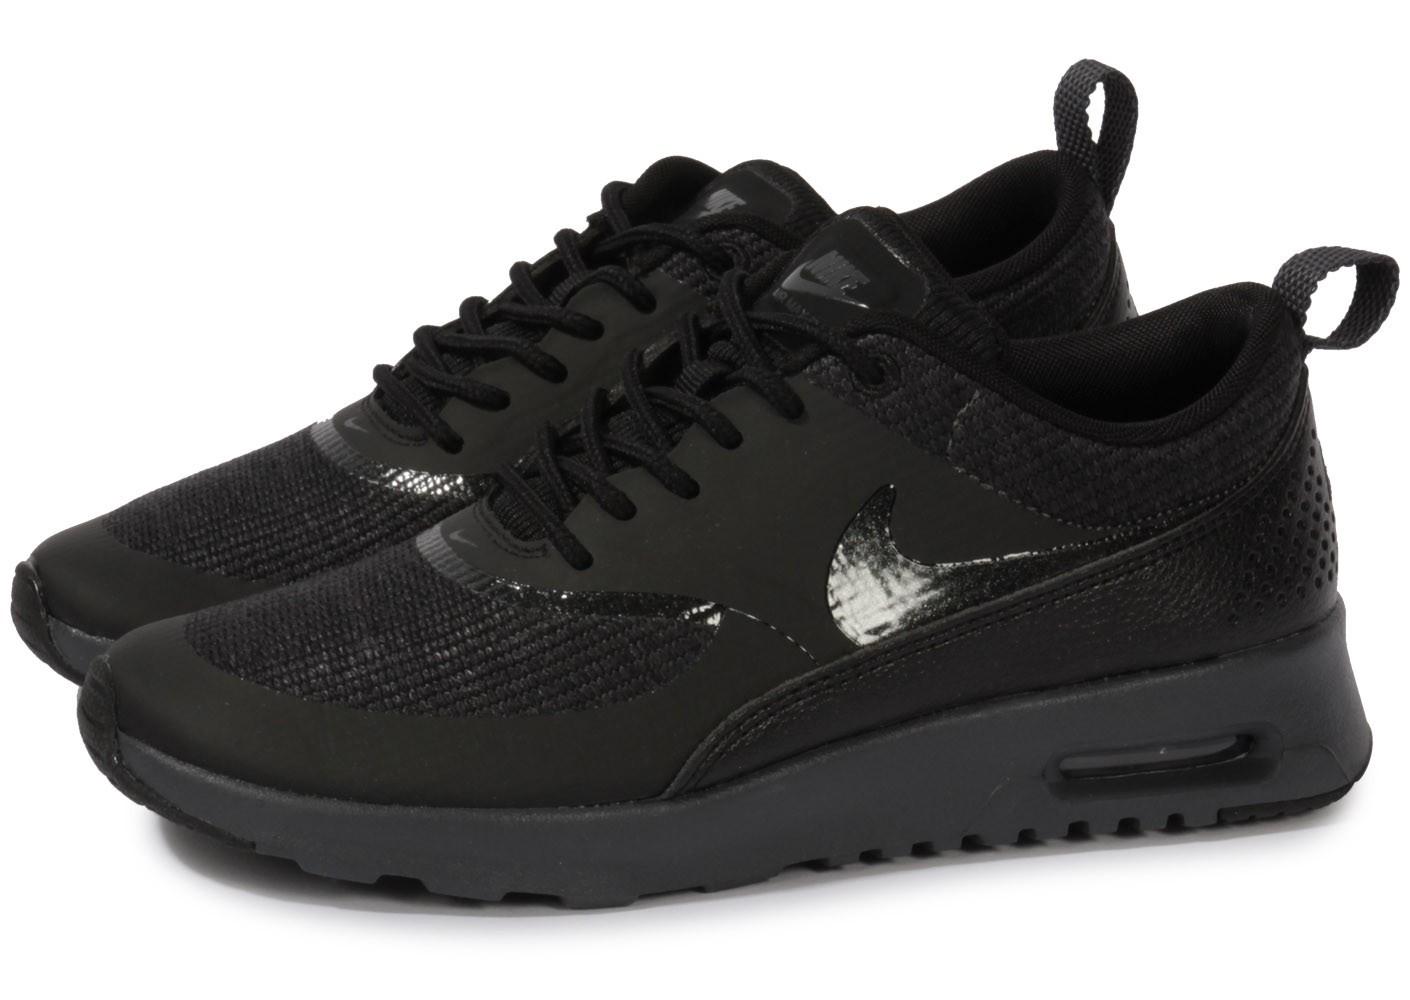 Grande lection Nike Air Max Thea Homme Chaussures Pas Cher Alainhemet e80a3c39da10